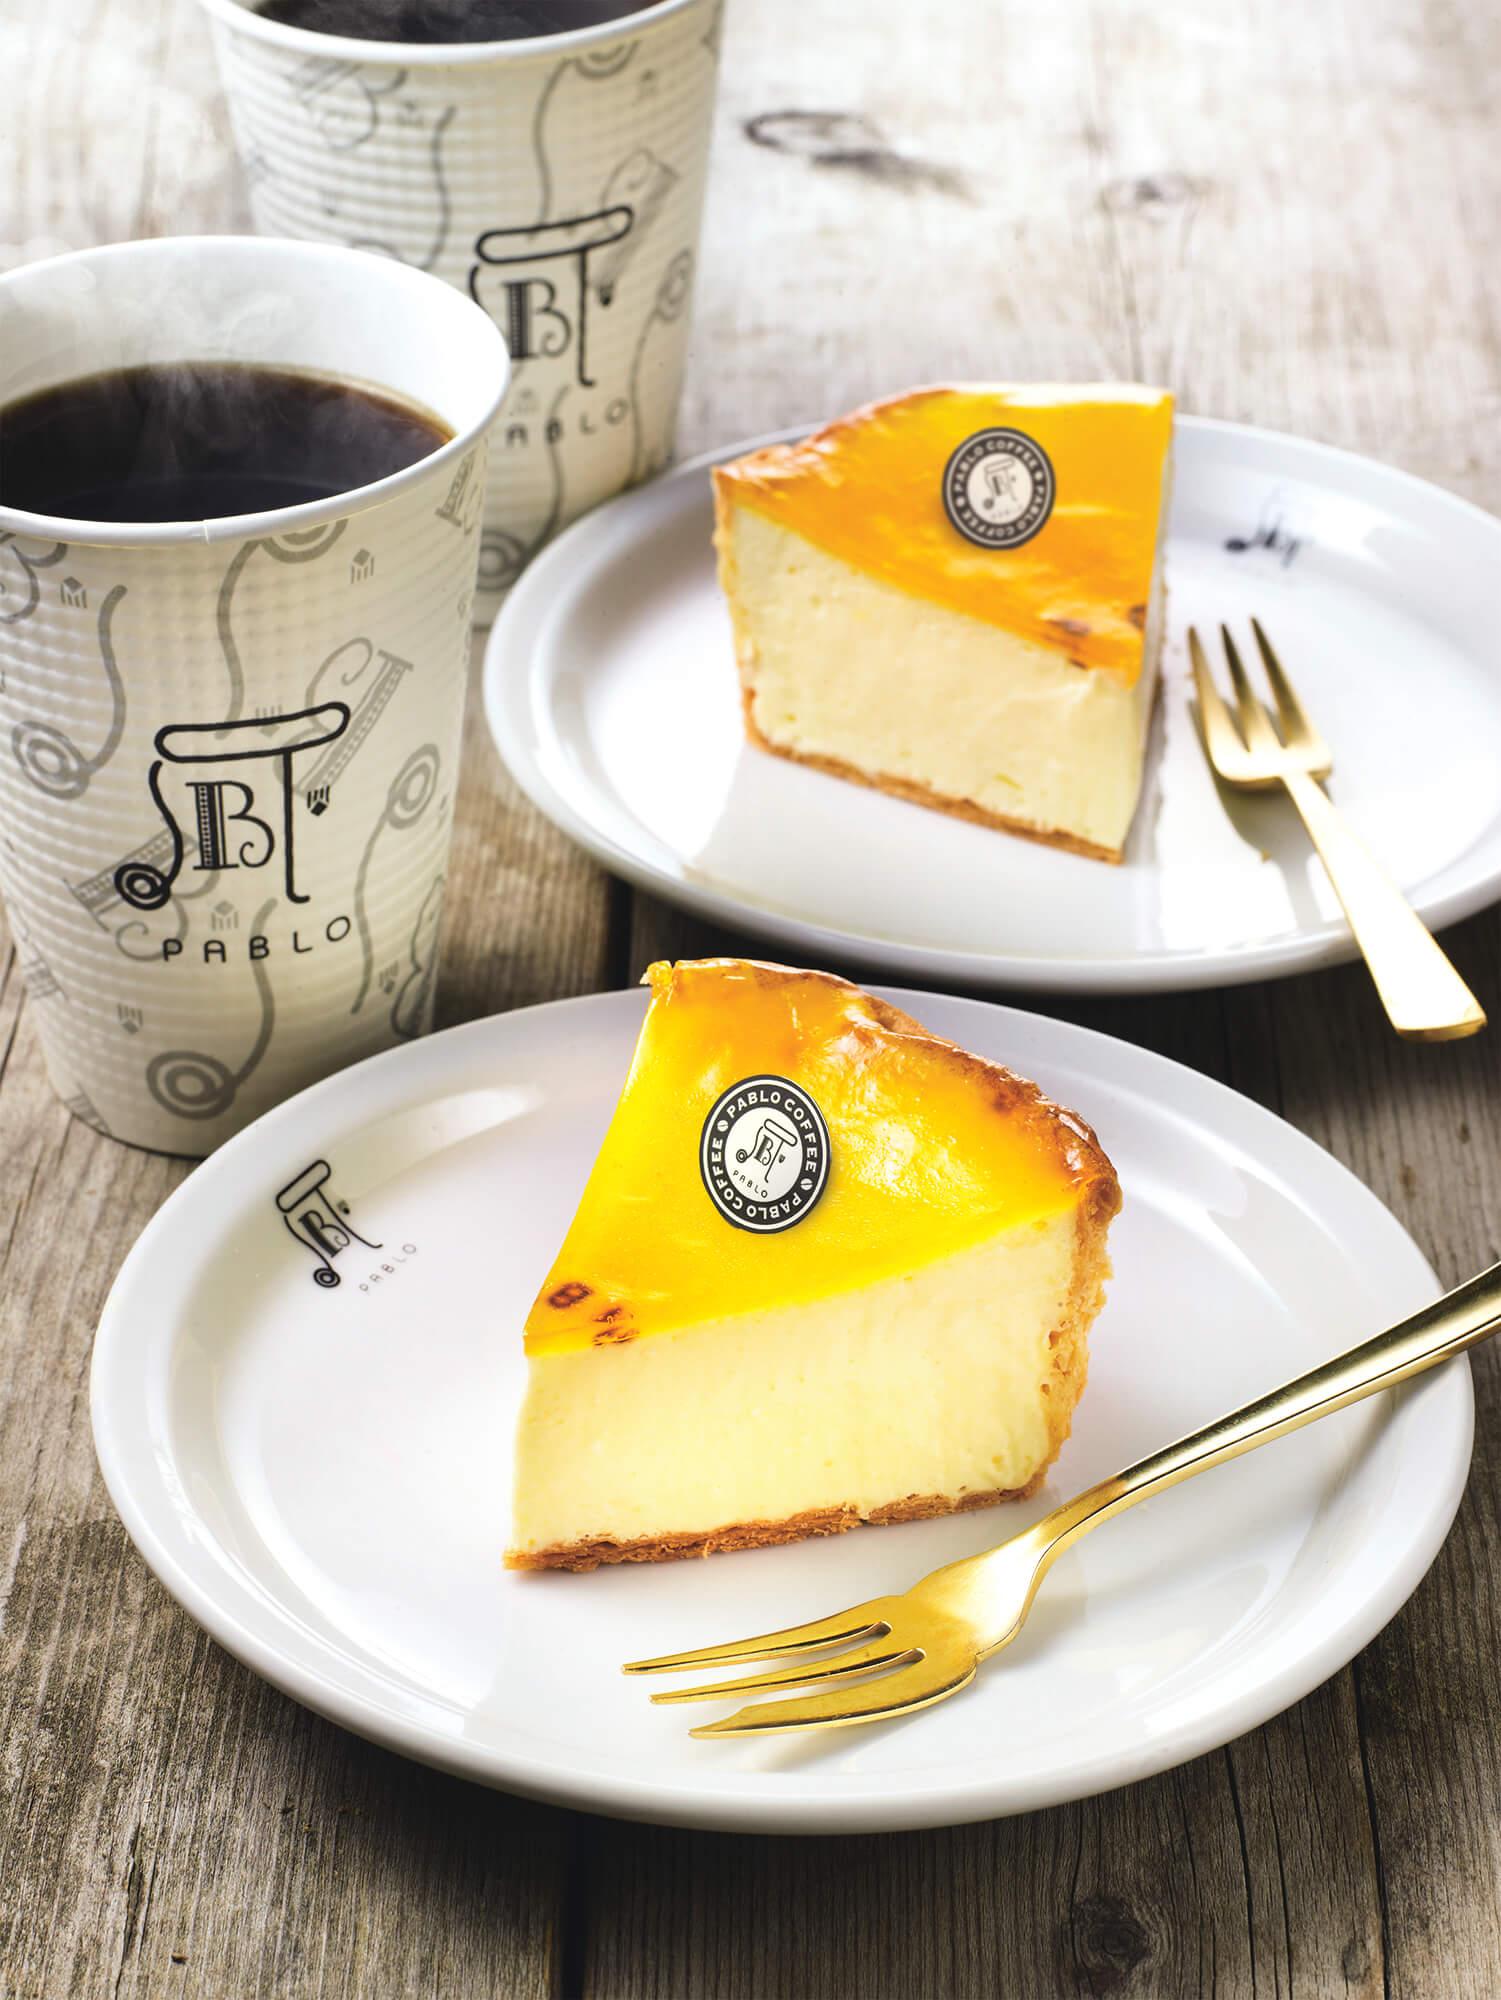 『 焼きたてチーズタルト専門店 PABLO もりの里店 』 チーズタルトミディアム+コーヒー セット プレゼント!!